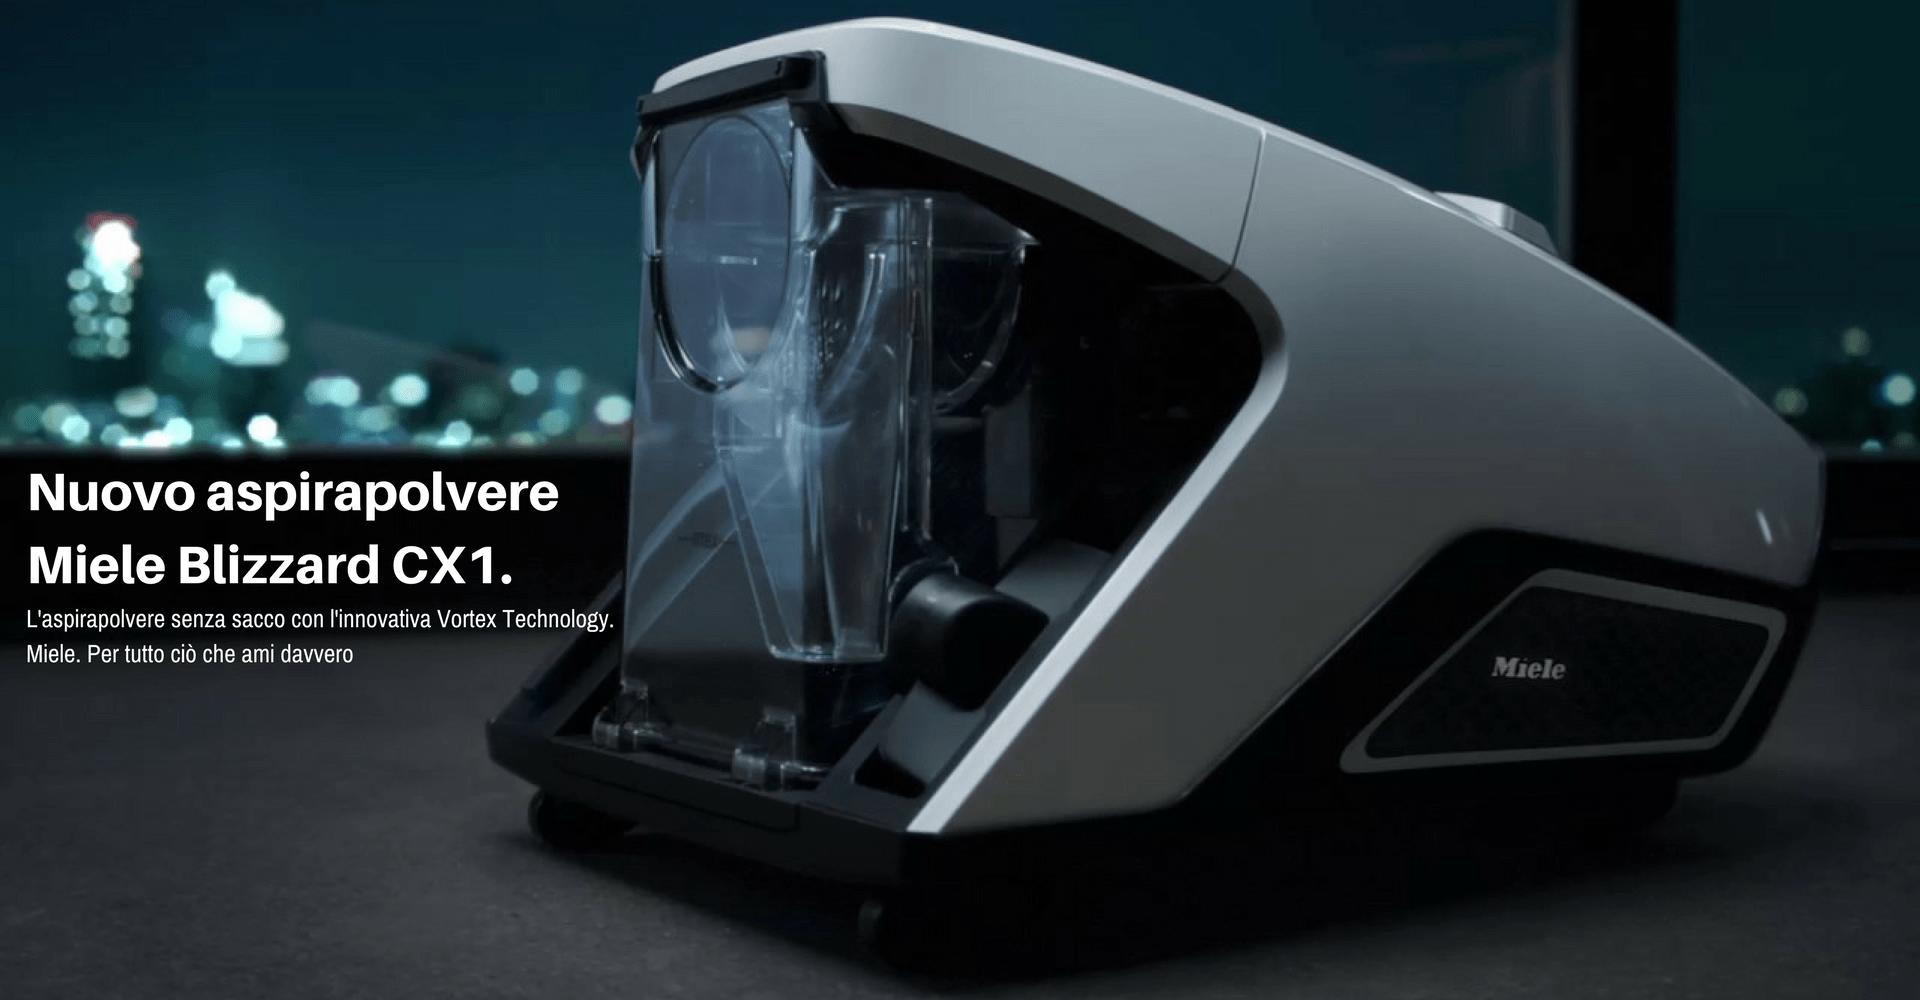 Nuovo aspirapolvereMiele Blizzard CX1.